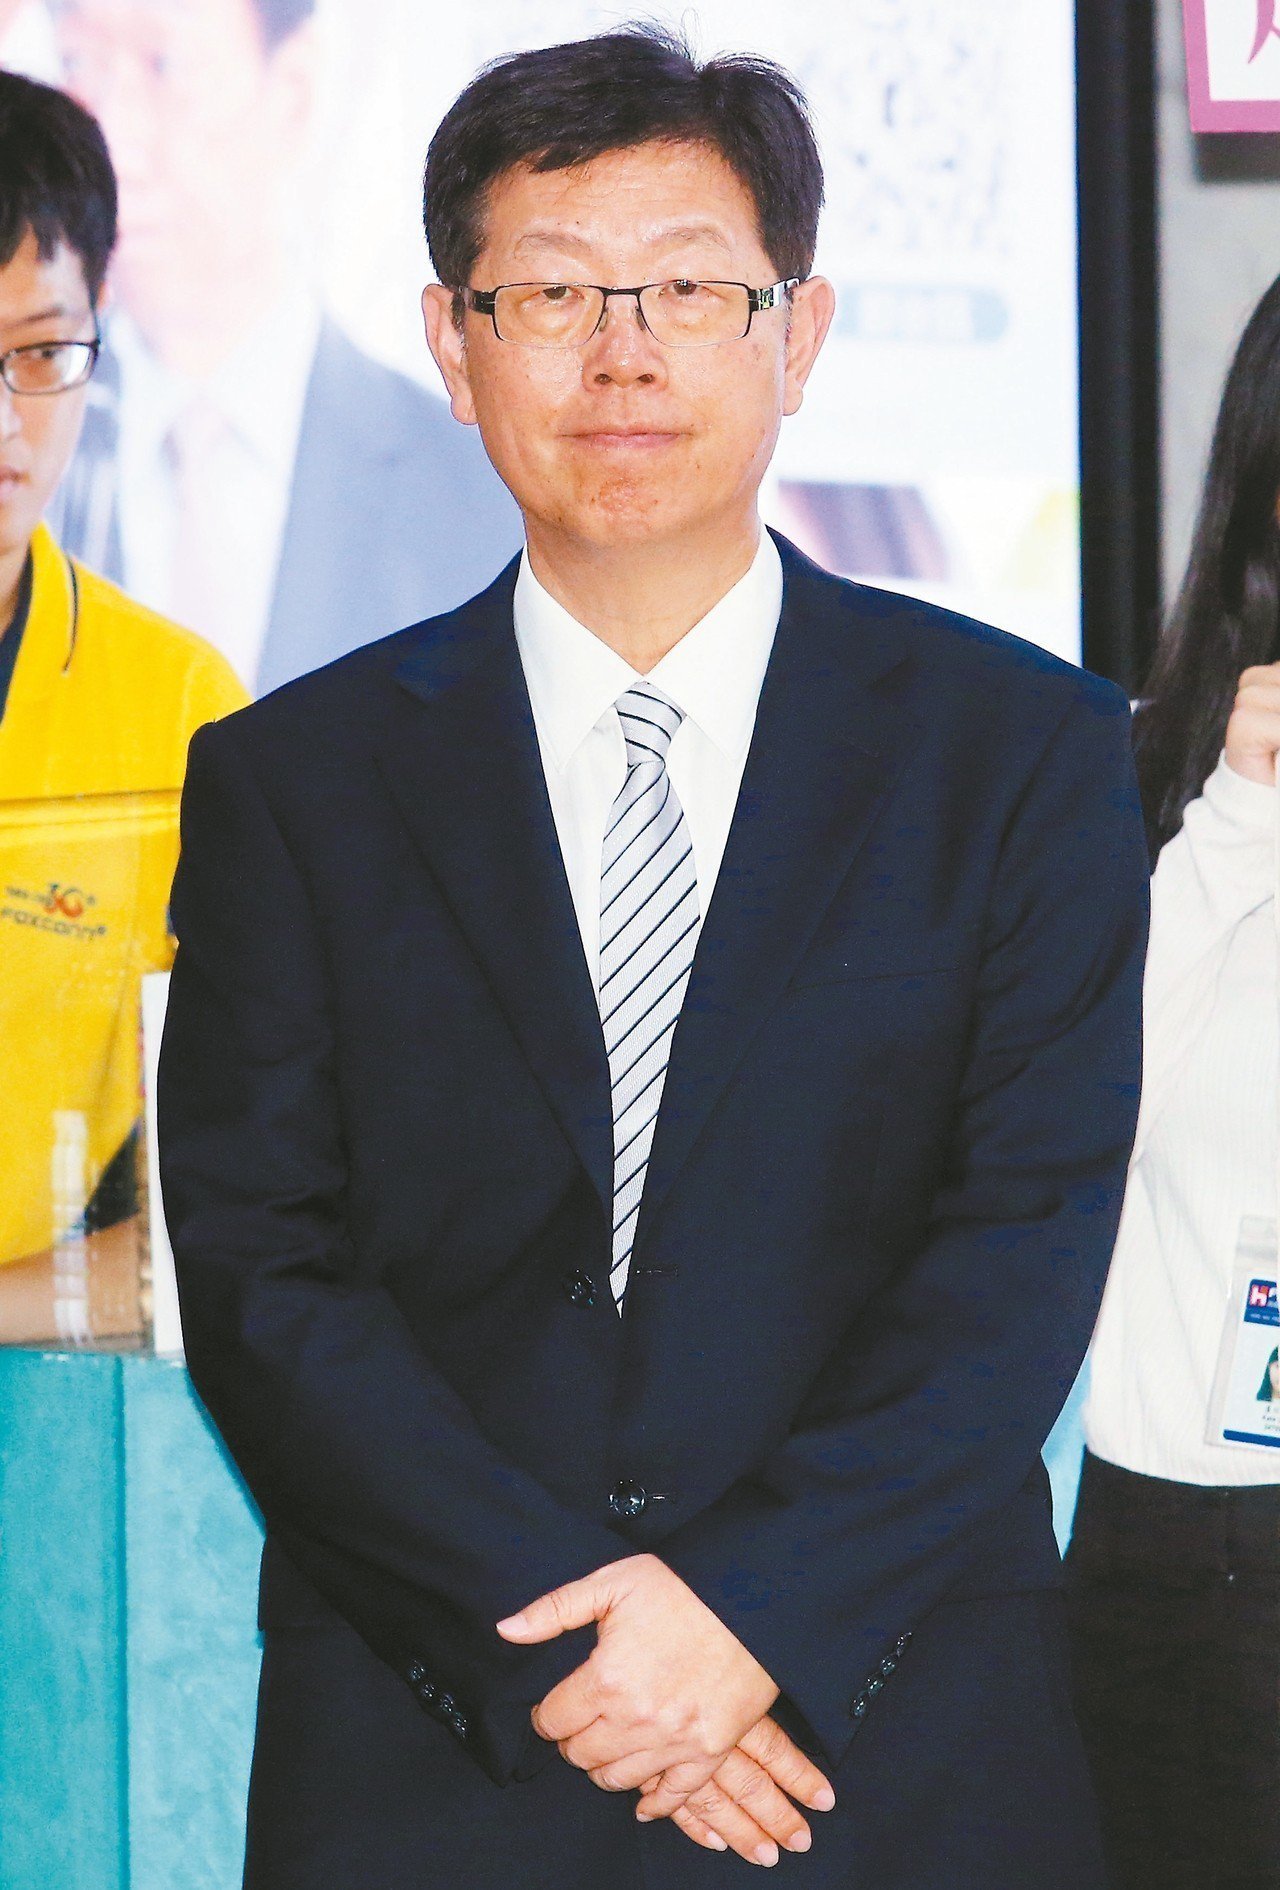 鴻海集團董事長劉揚偉。 記者杜建重/攝影